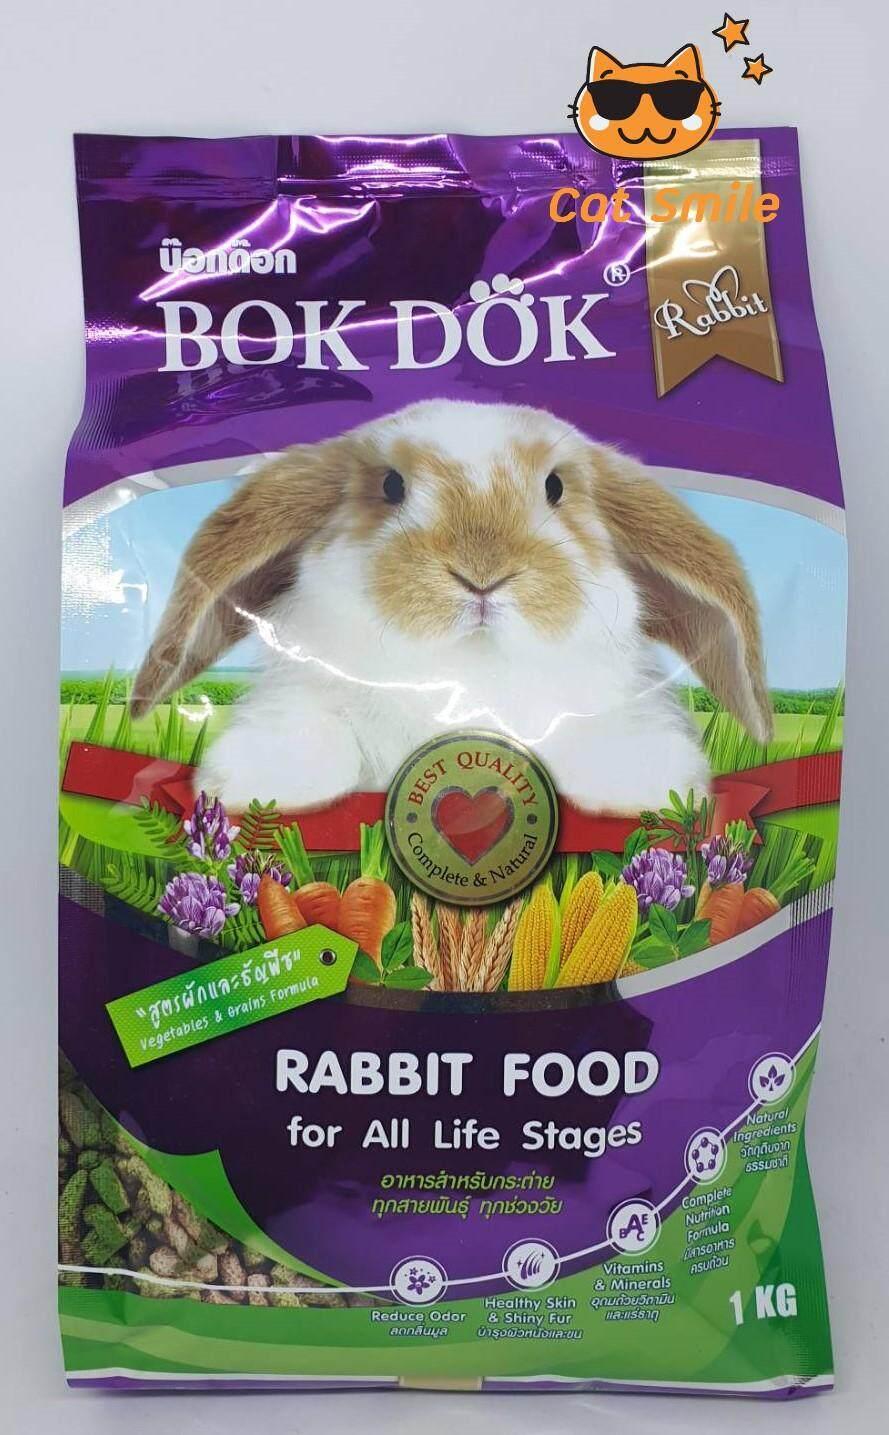 อาหารเม็ดกระต่าย สูตรผักและธัญพืช Bokdok 1 กก. อาหารกระต่าย ใช้ดี ลดกลิ่นฉี่ ได้ดี ทำให้กระต่าย ขนนุ่มสลวย แข็งแรง สมบูณร์.